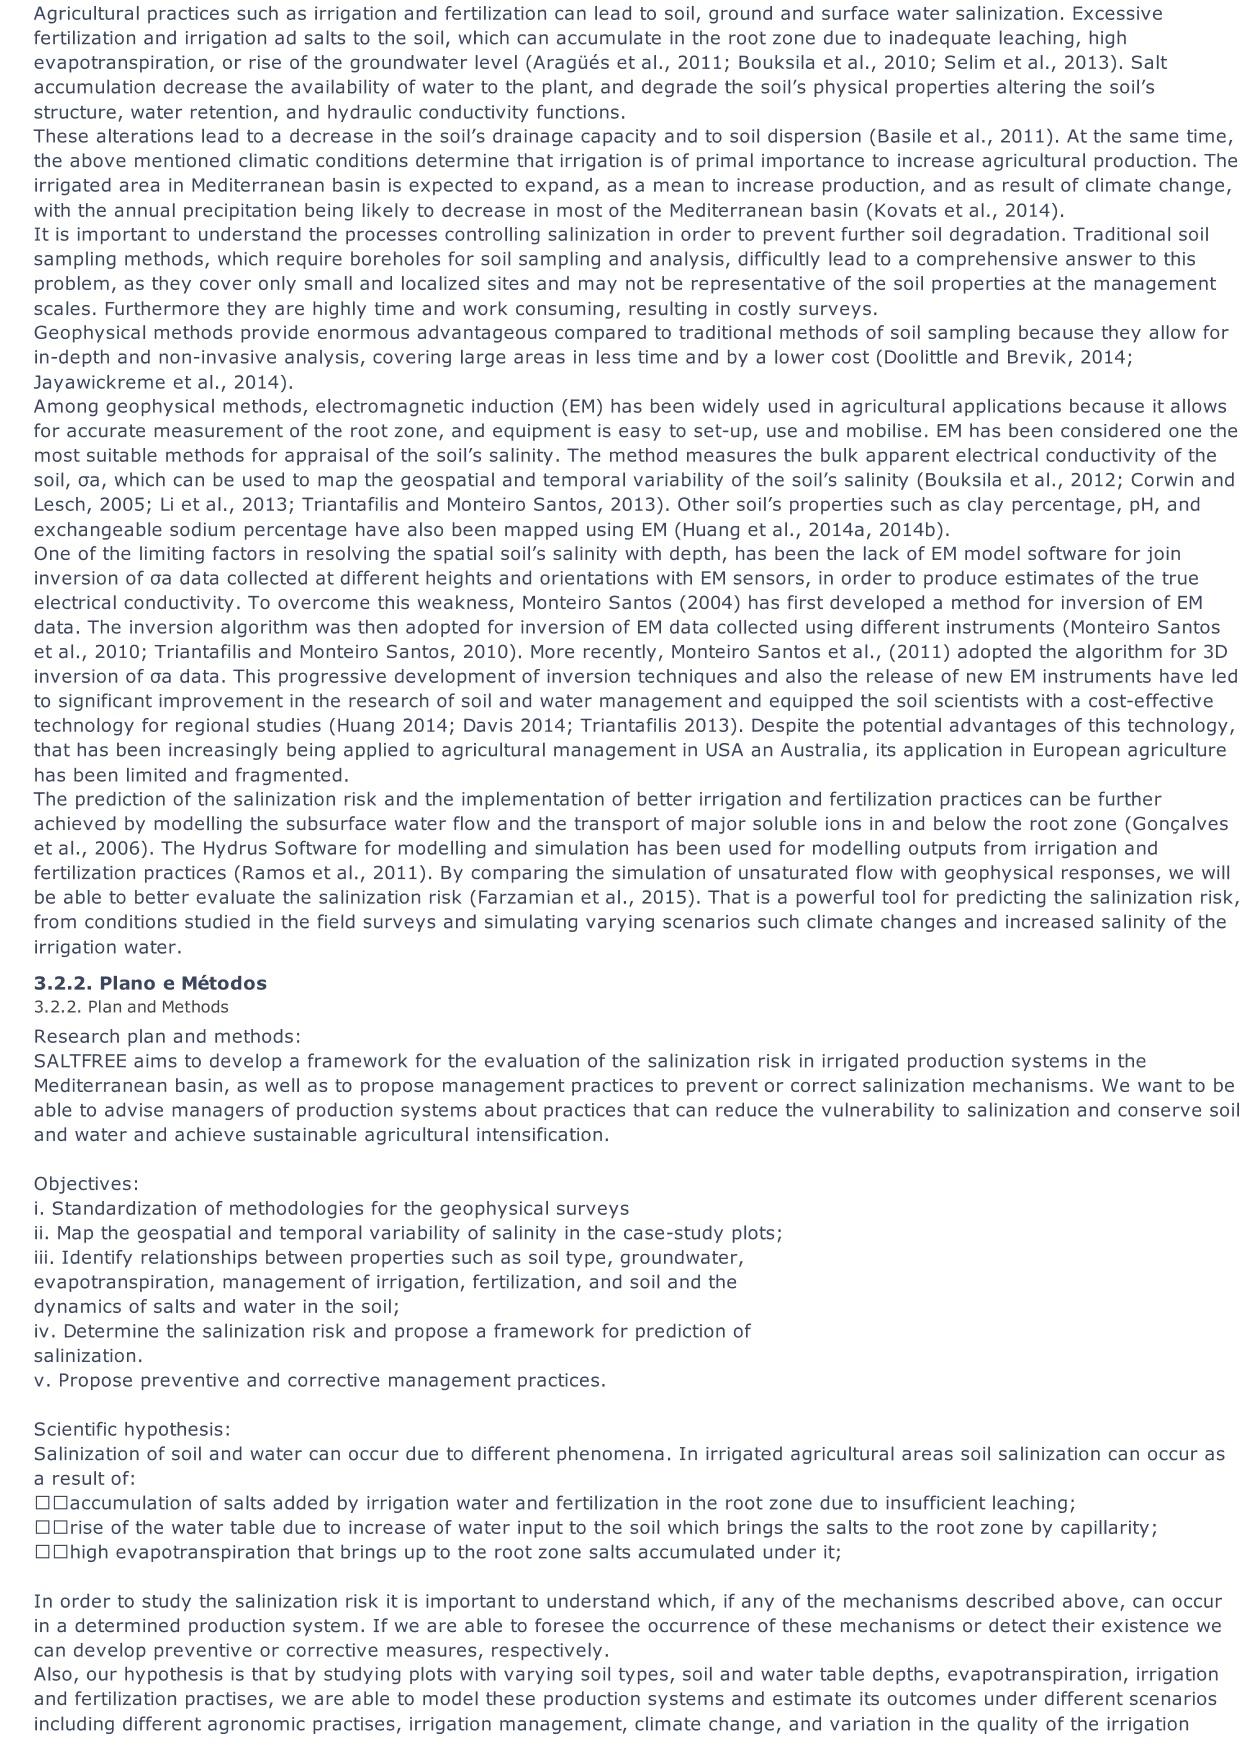 FCT _ PROJECTOS DE INVESTIGAÇÃO CIENTÍFICA E DESENVOLVIMENTO TECNOLOGICO4.jpg